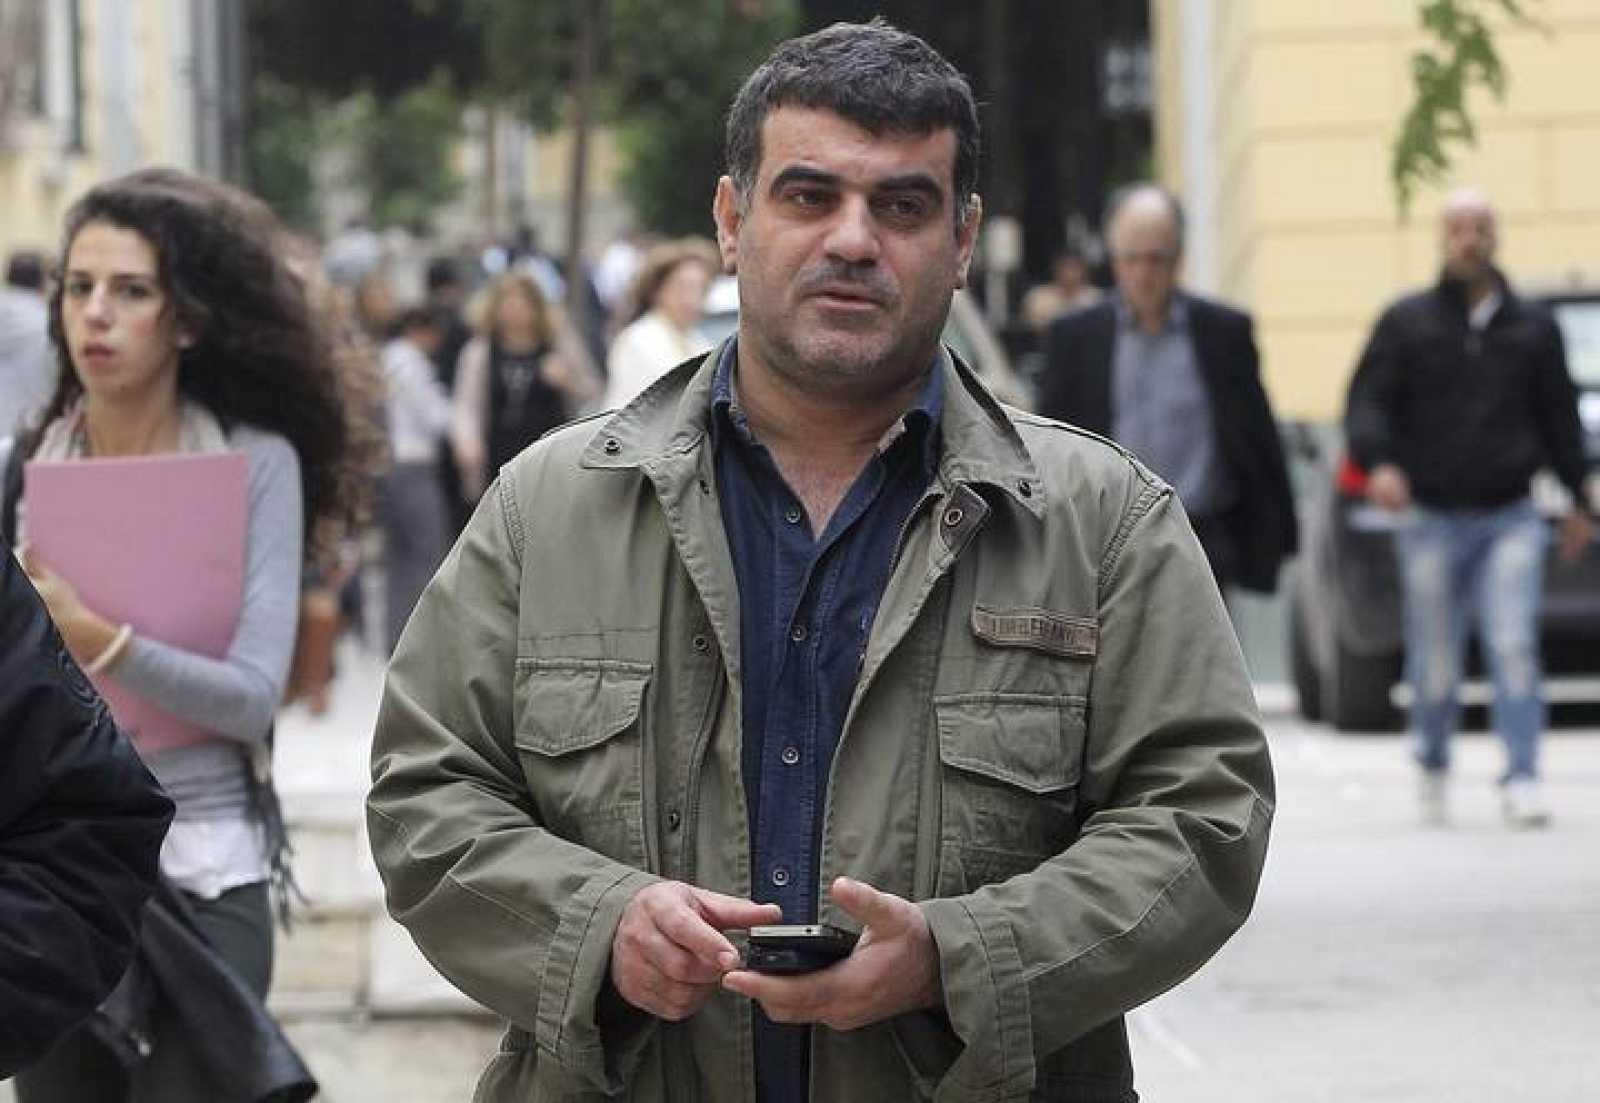 El periodista griego, Kostas Vaxevanis